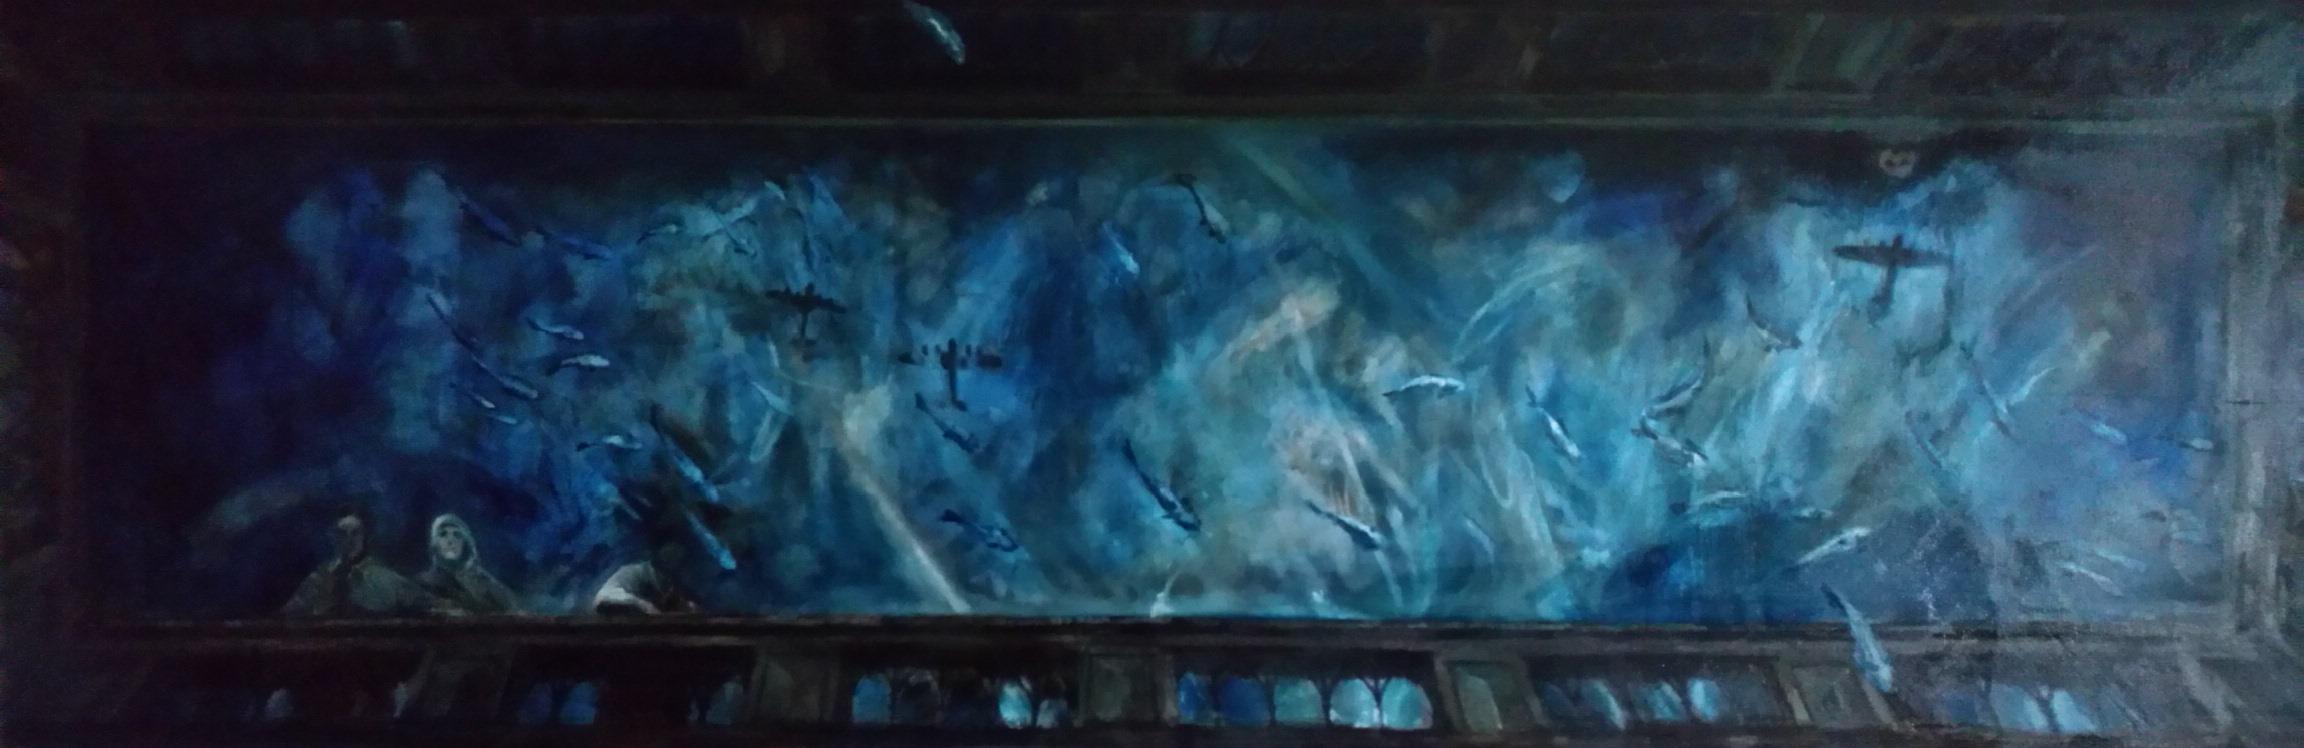 Air Raid - Fishing bomb / Balustrade perspektiv / oil on canvas, 125 - 360 cm, 2017